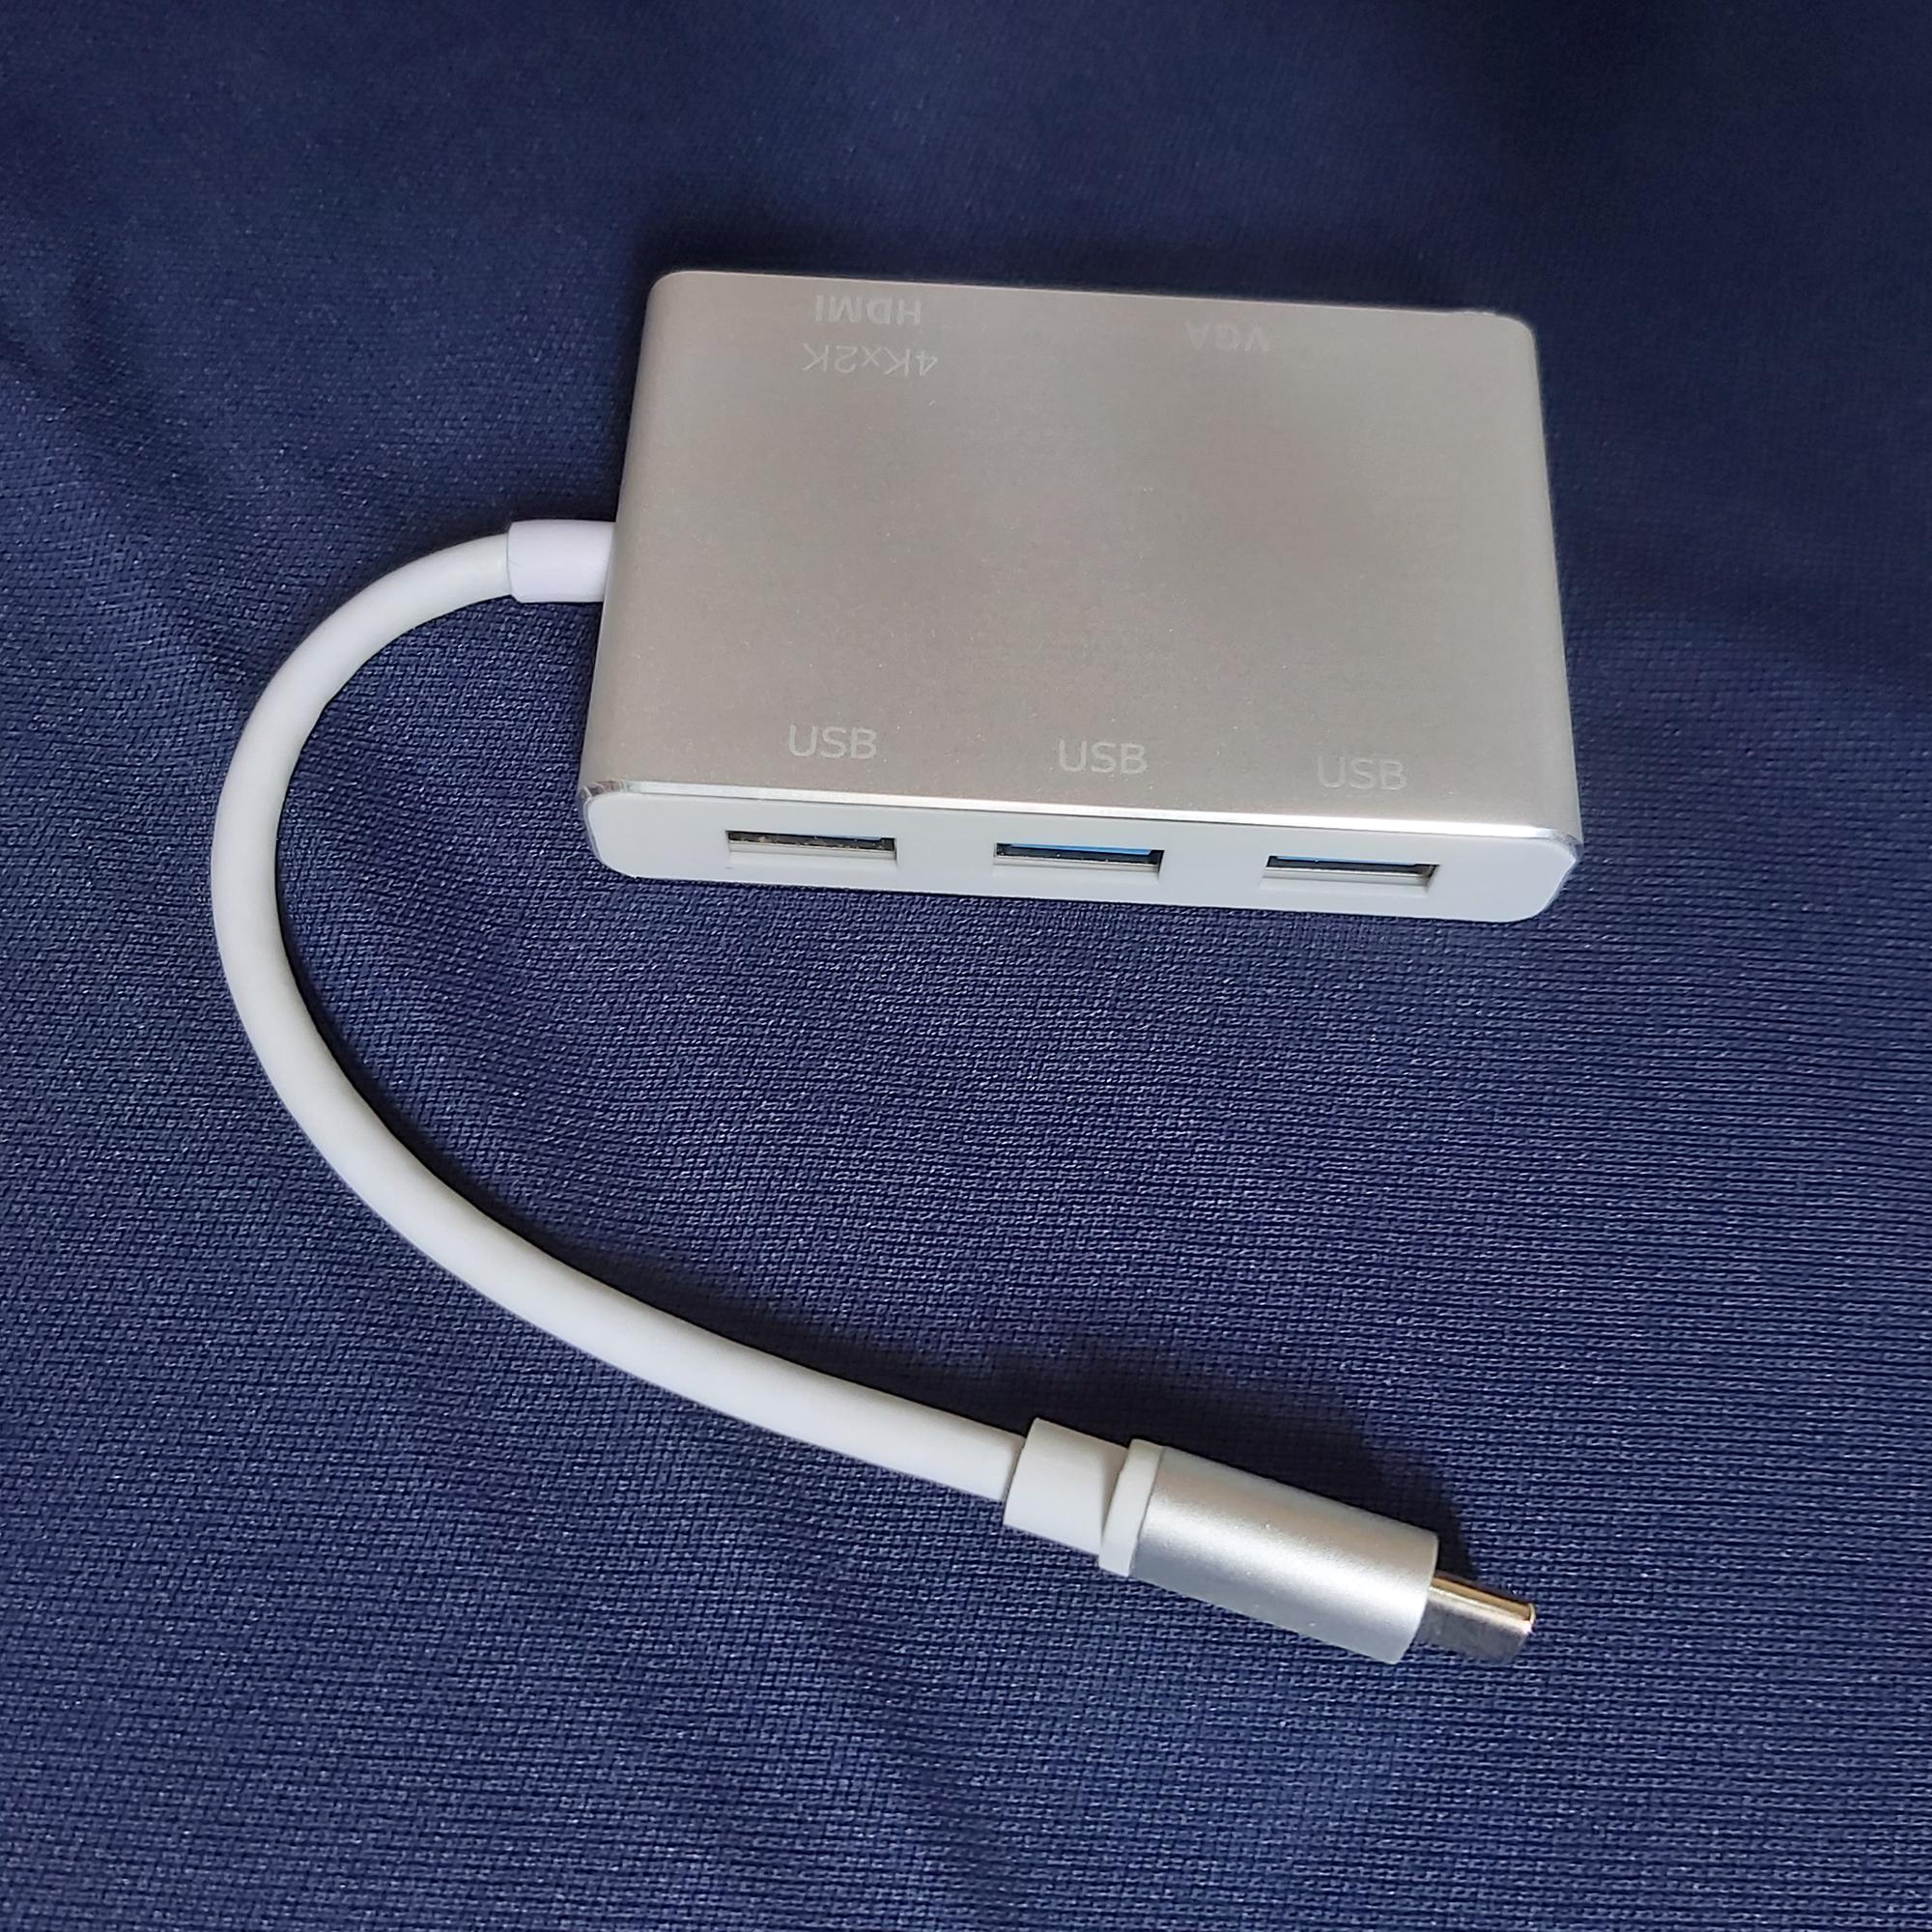 Bộ Chuyển đổi USB Type C sang HDMI và VGA kèm 3 cổng USB 3.0